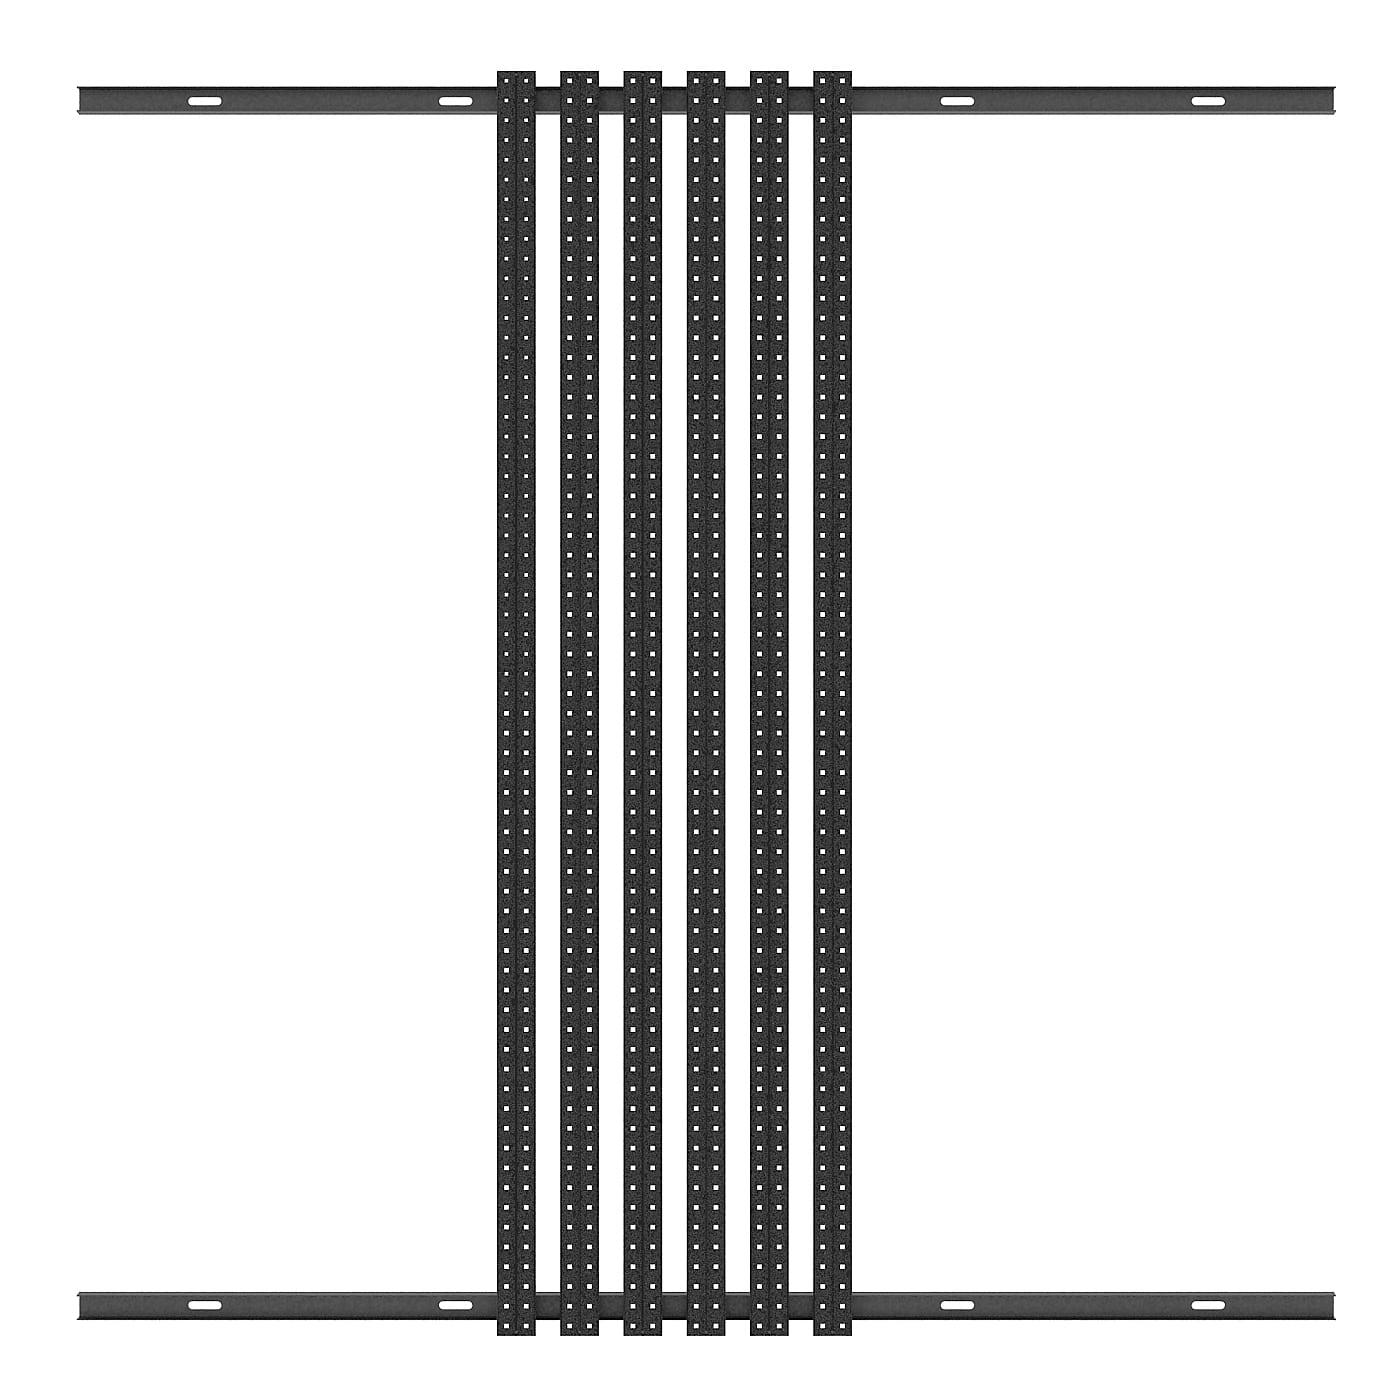 mount led strip video horizontally